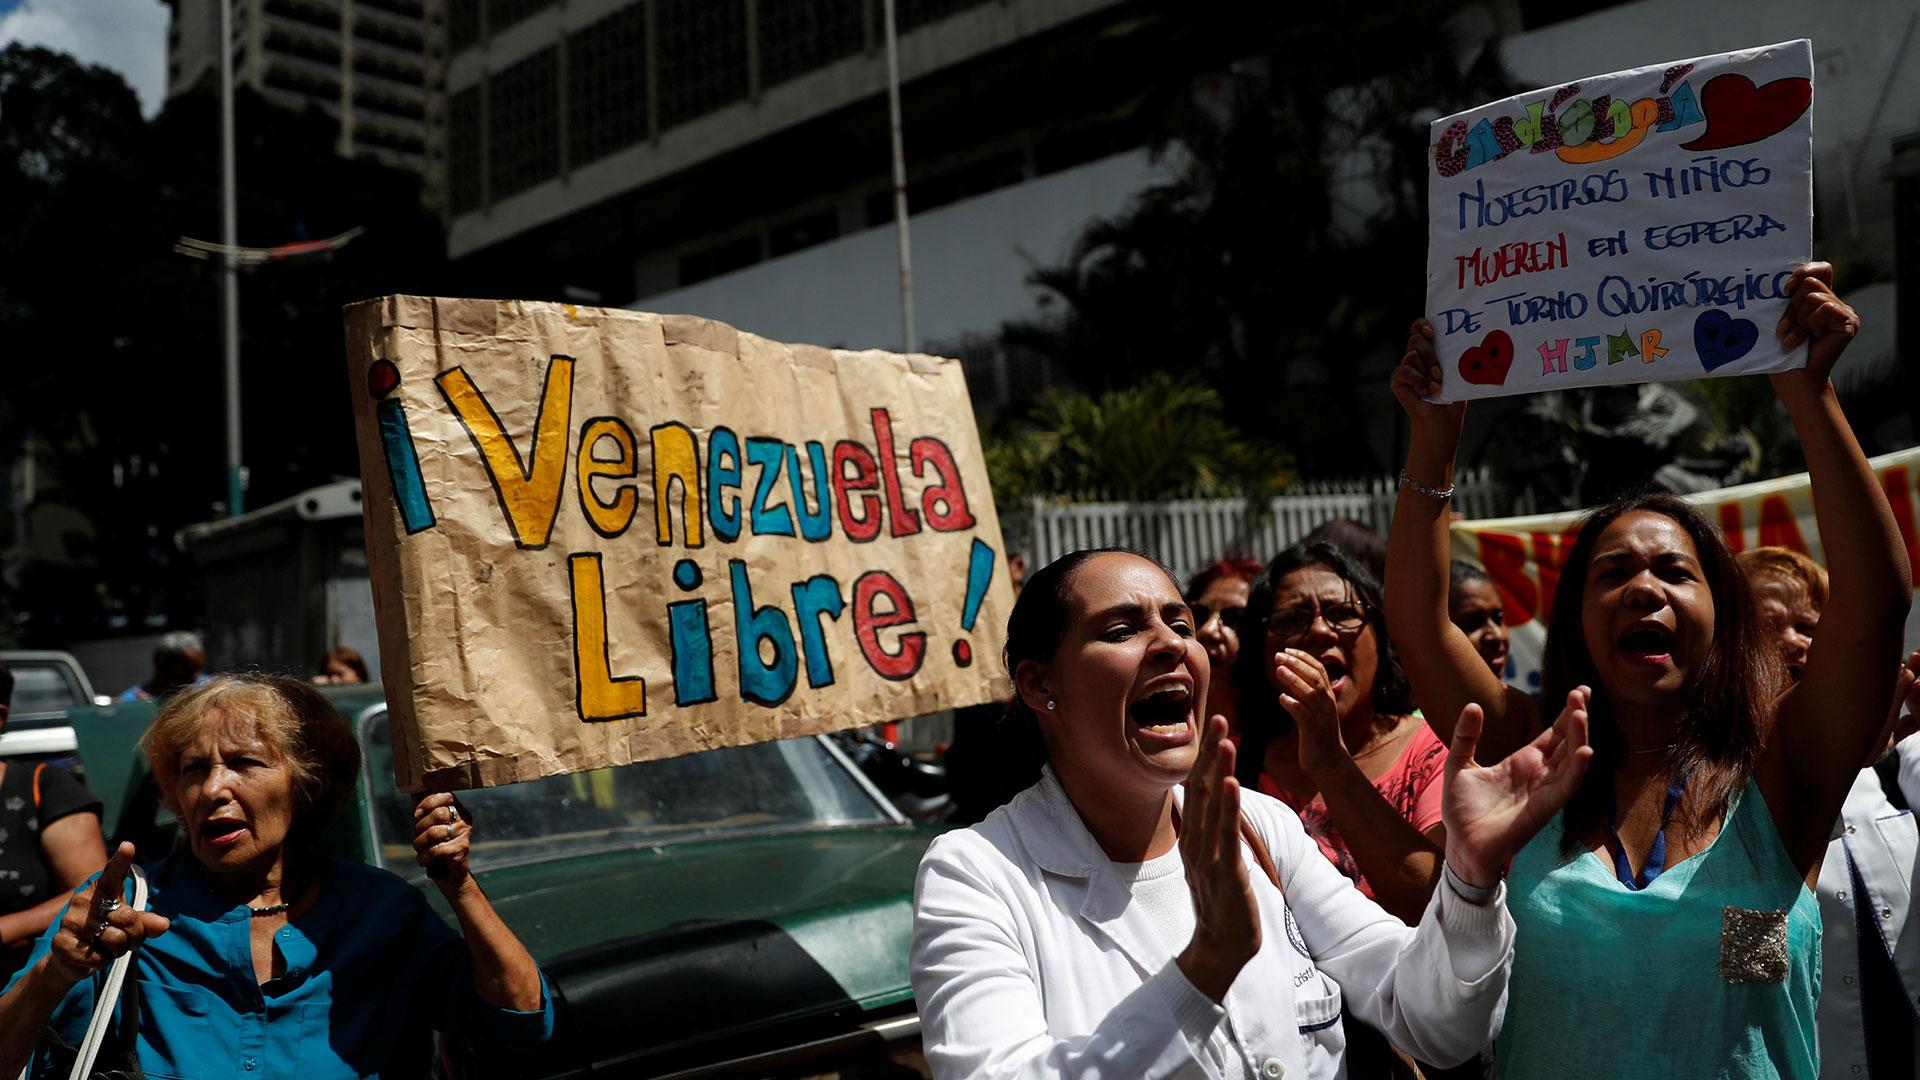 Los venezolanos piden la caída de la dictadura chavista (Reuters)